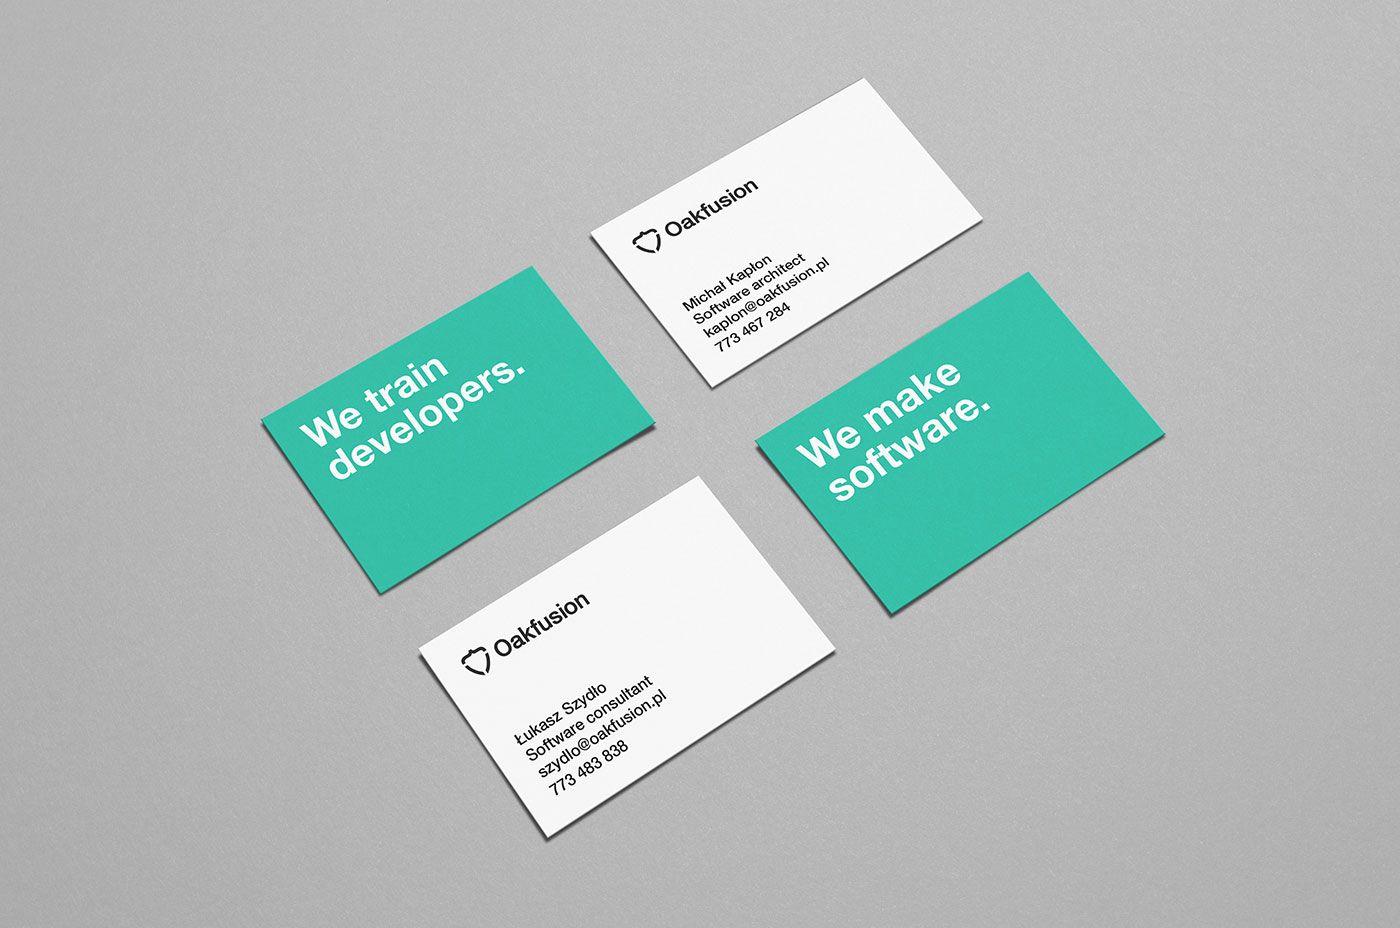 Oakfusion Brodziak Studio Projektowanie Graficzne Grafik